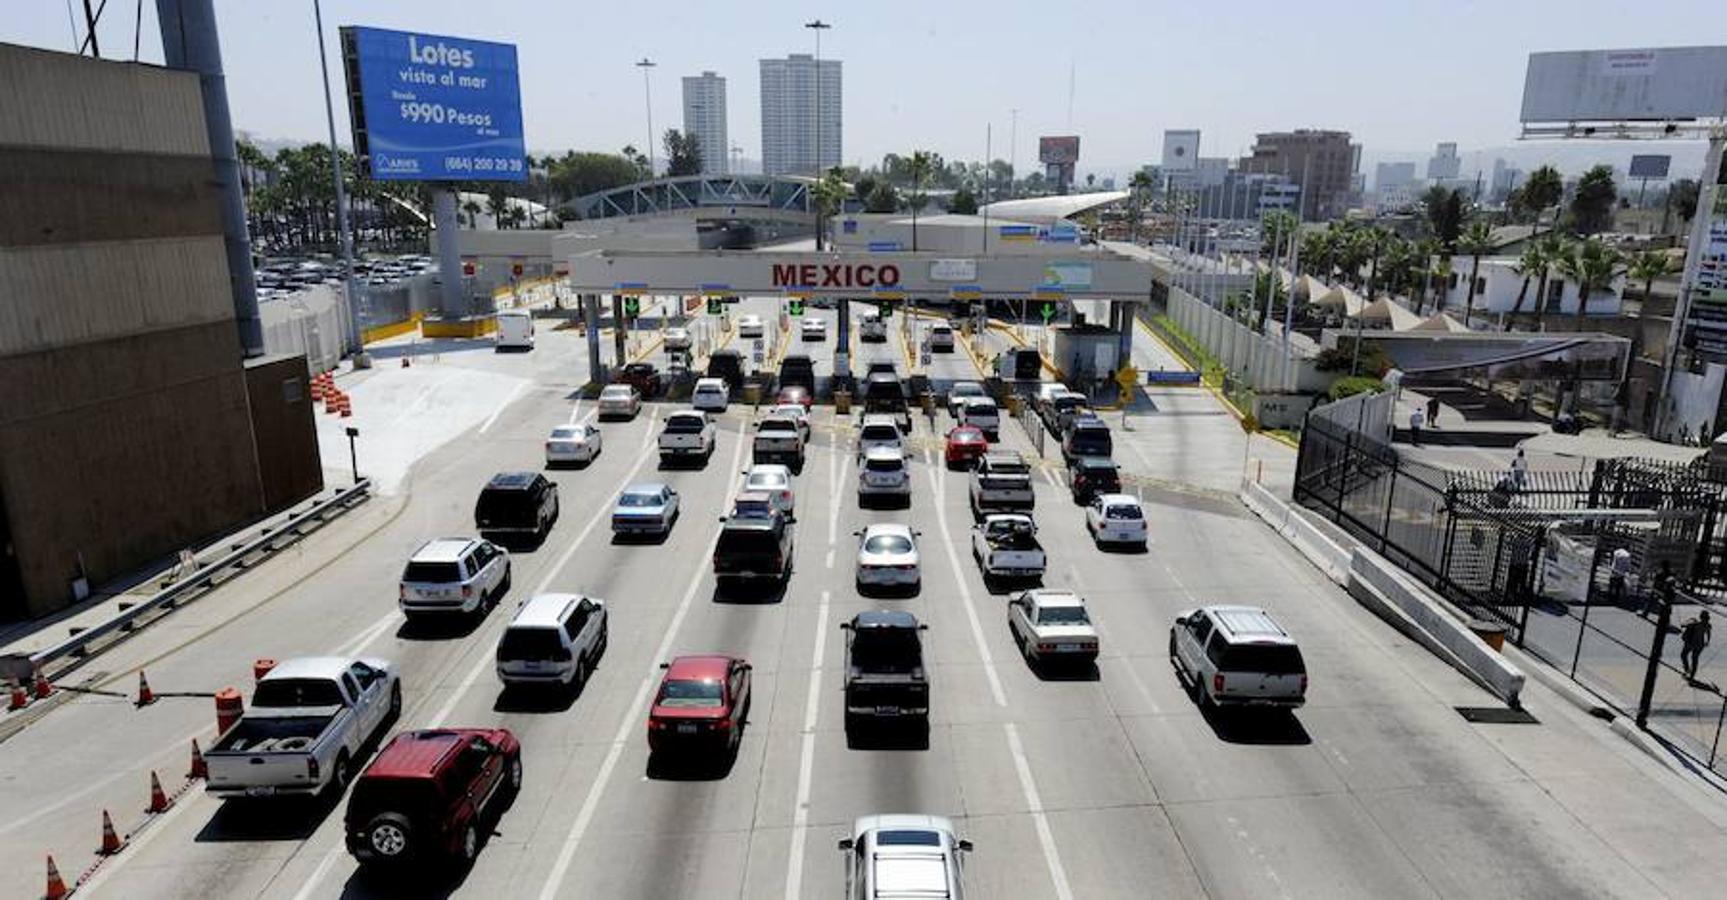 Vehículos alineados para entrar en México, en agosto de 2010, en la frontera de San Isidro (California). Una época en la que cientos de mexicanos cruzaban legalmente a Estados Unidos para adquirir bienes y buscar atención médica